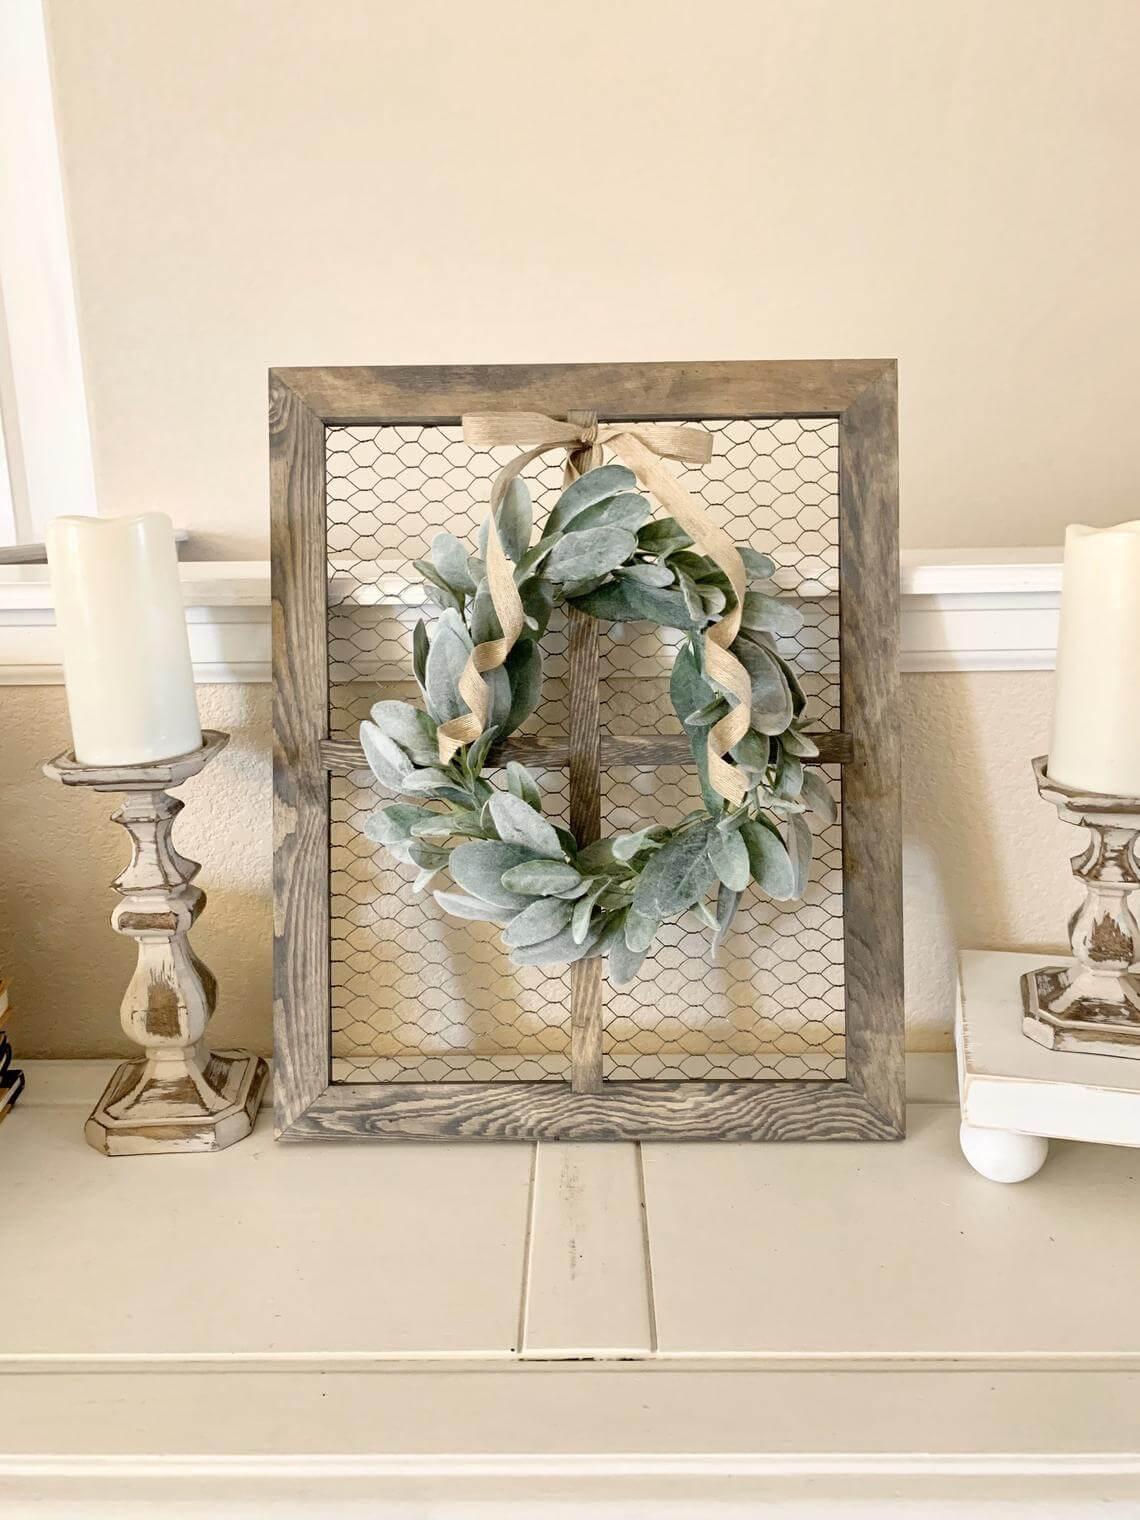 Chicken Wire Window Pane and Wreath